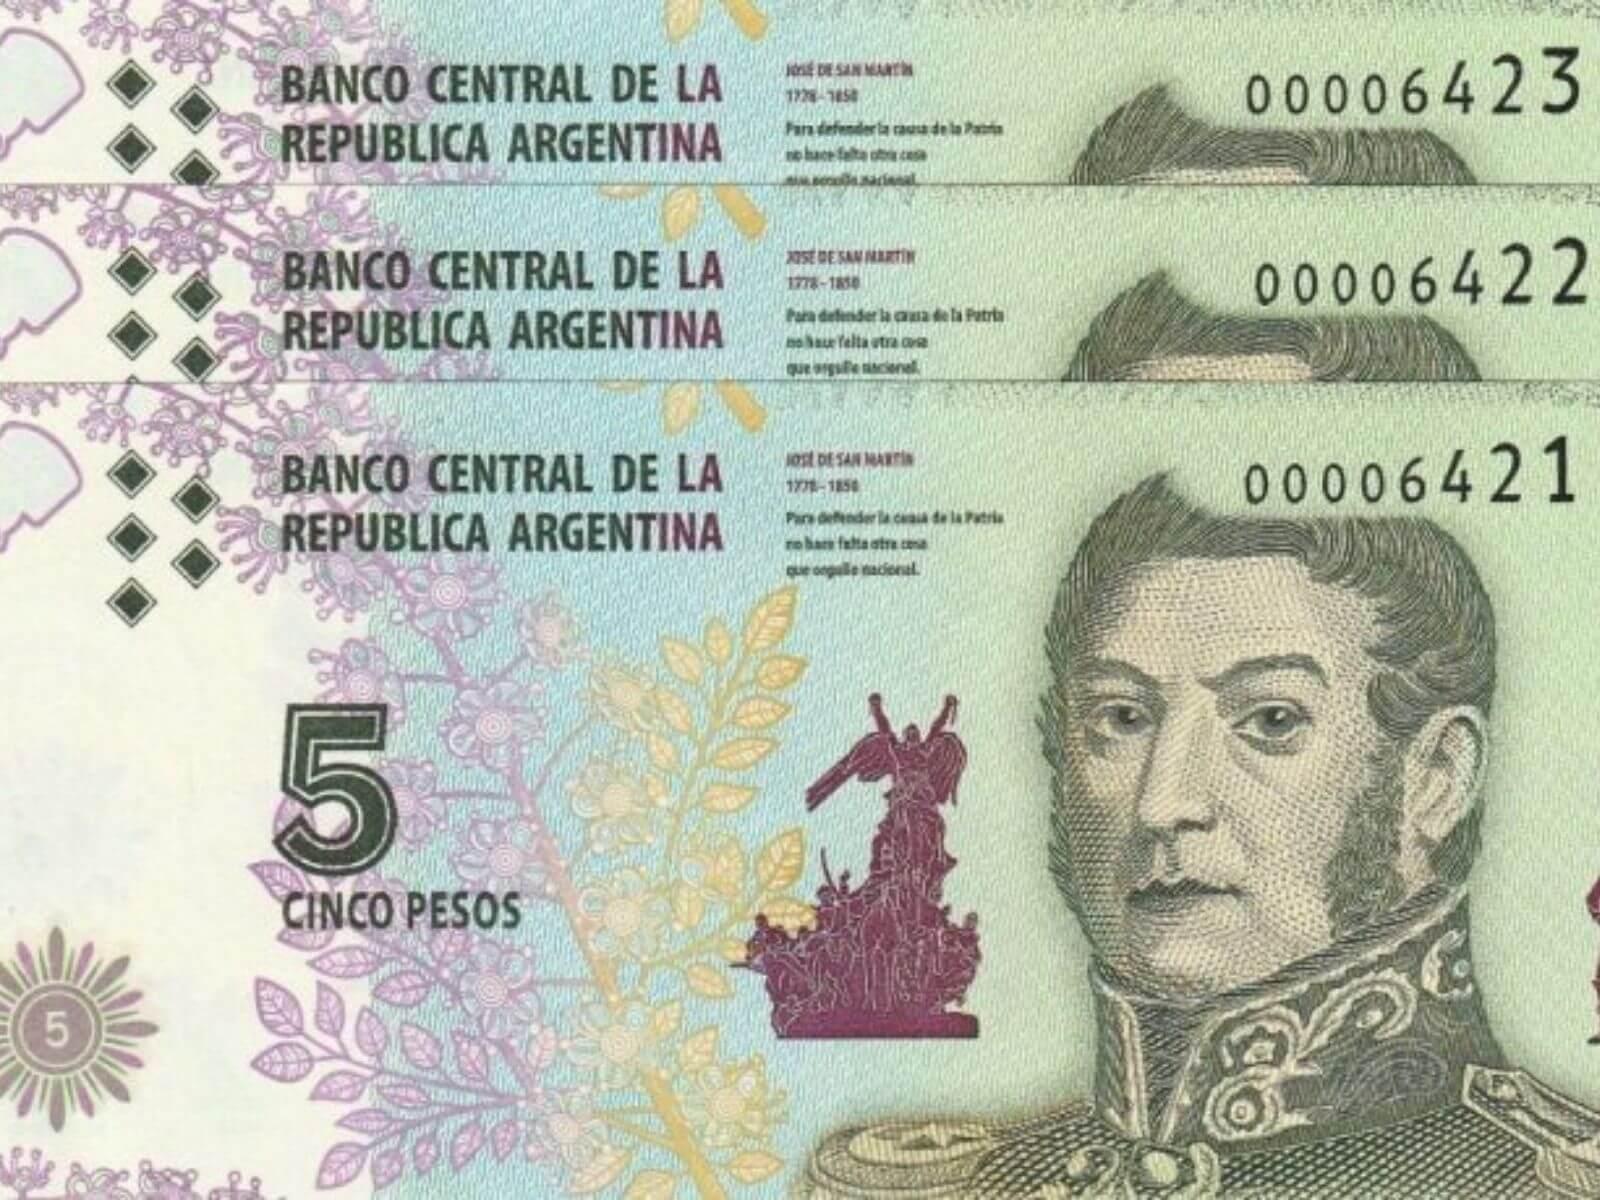 Los comercios que no acepten billetes de $5 serán sancionados